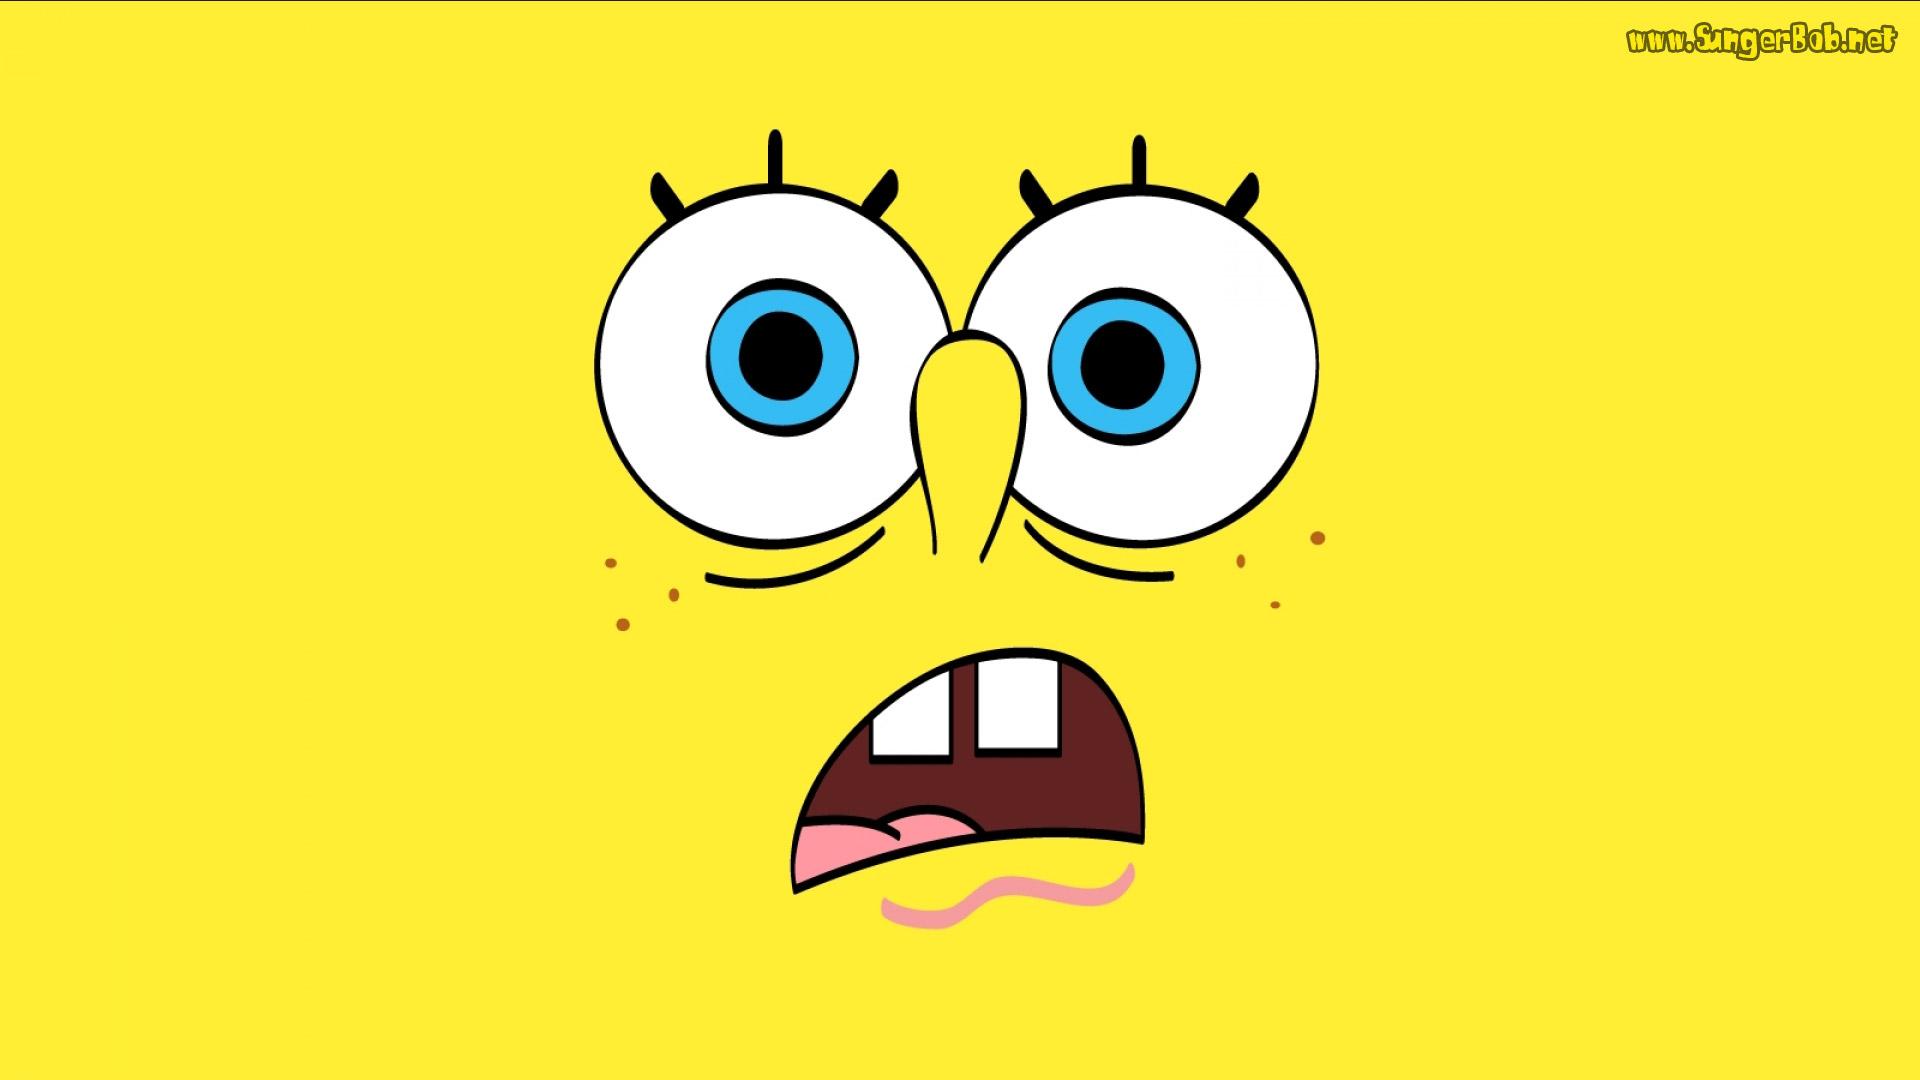 SüngerBob Wallpaper 1920x1080. SpongeBob Wallpaper 1920x1200